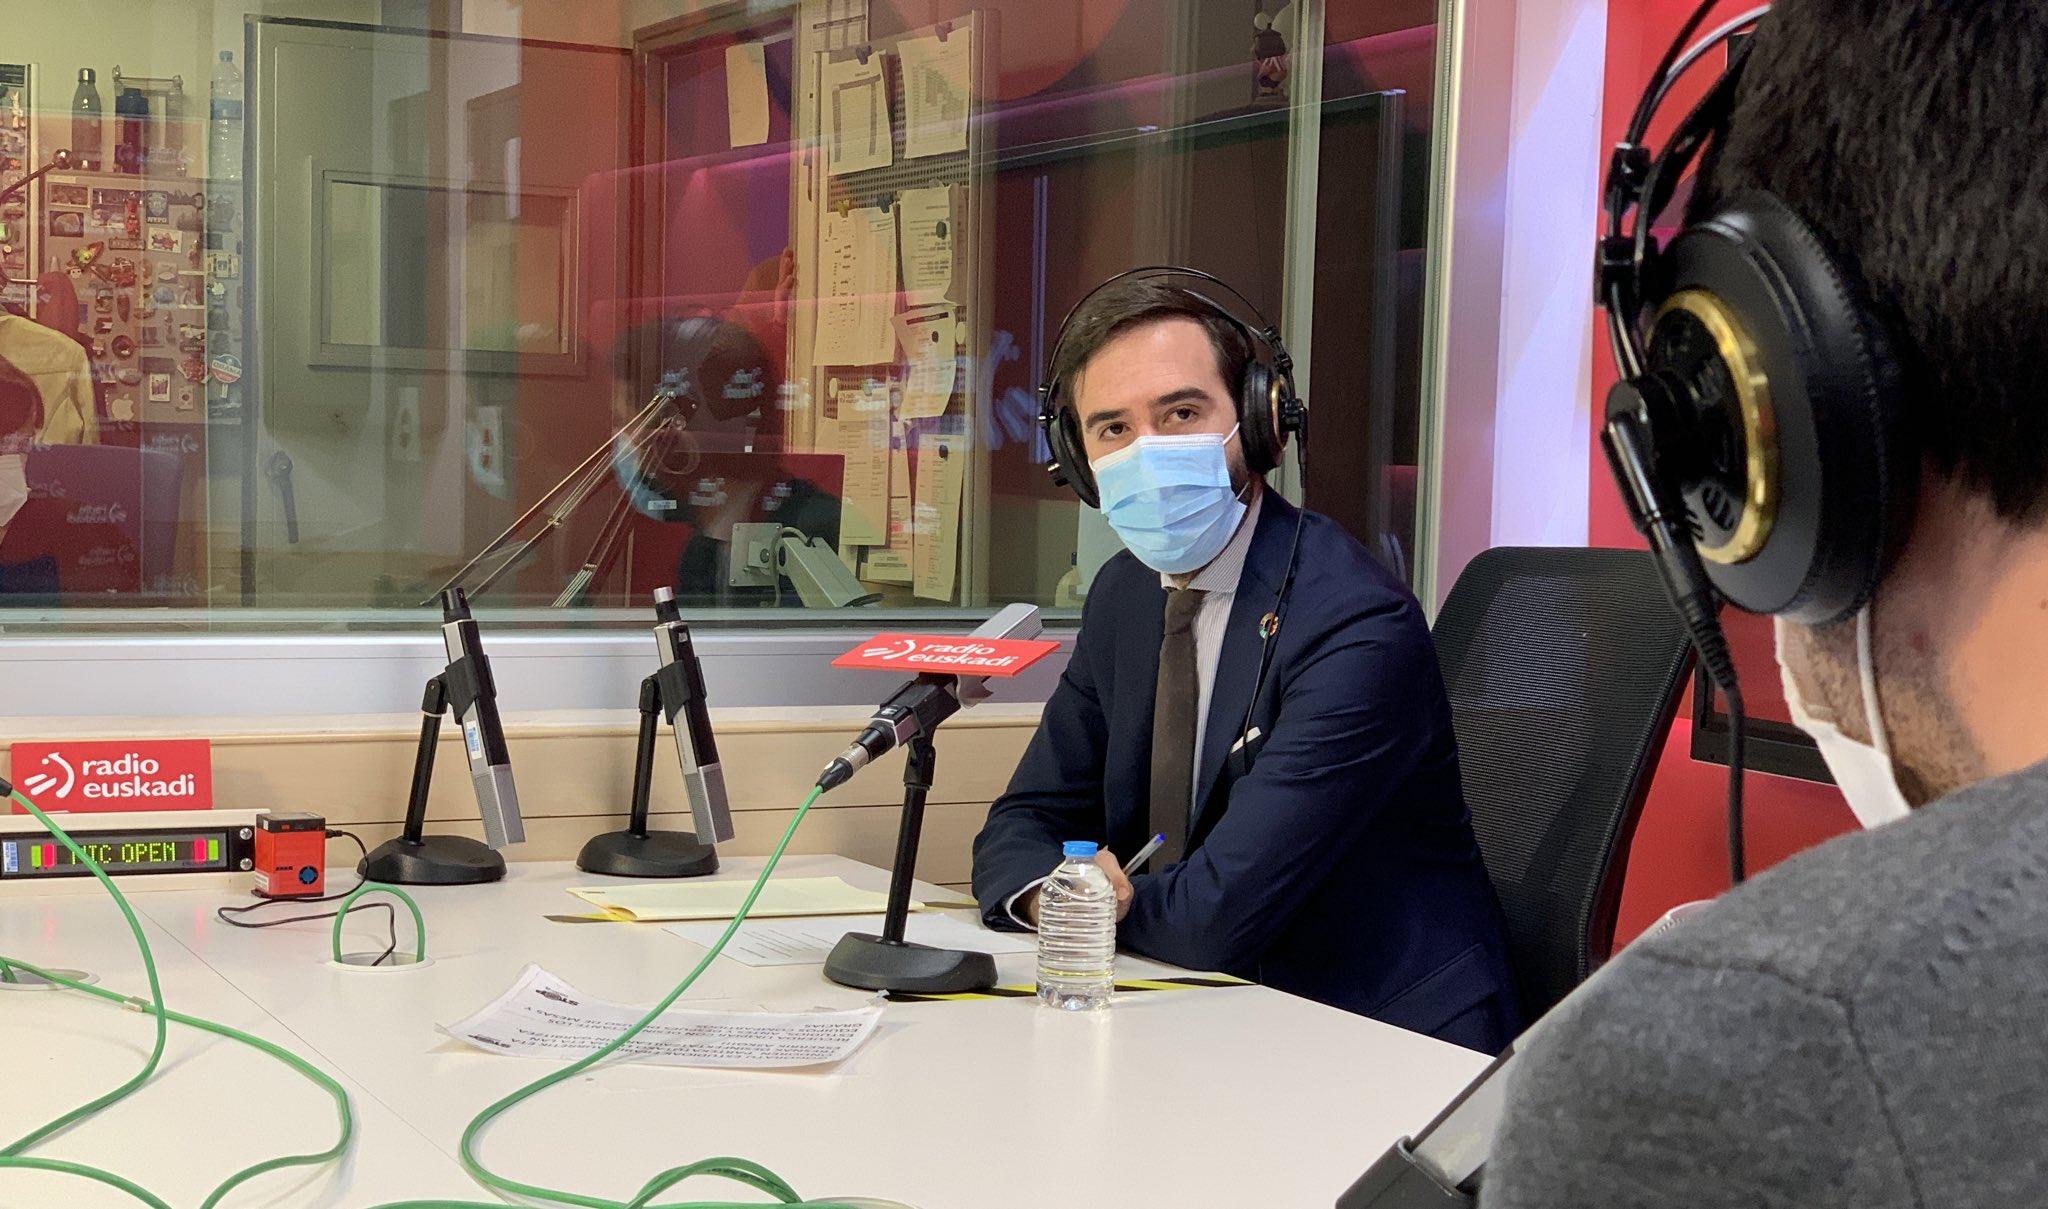 El Consejero Javier Hurtado anuncia que el Departamento lanzará una nueva línea de ayudas directas para los sectores más afectados del comercio de Euskadi [19:56]